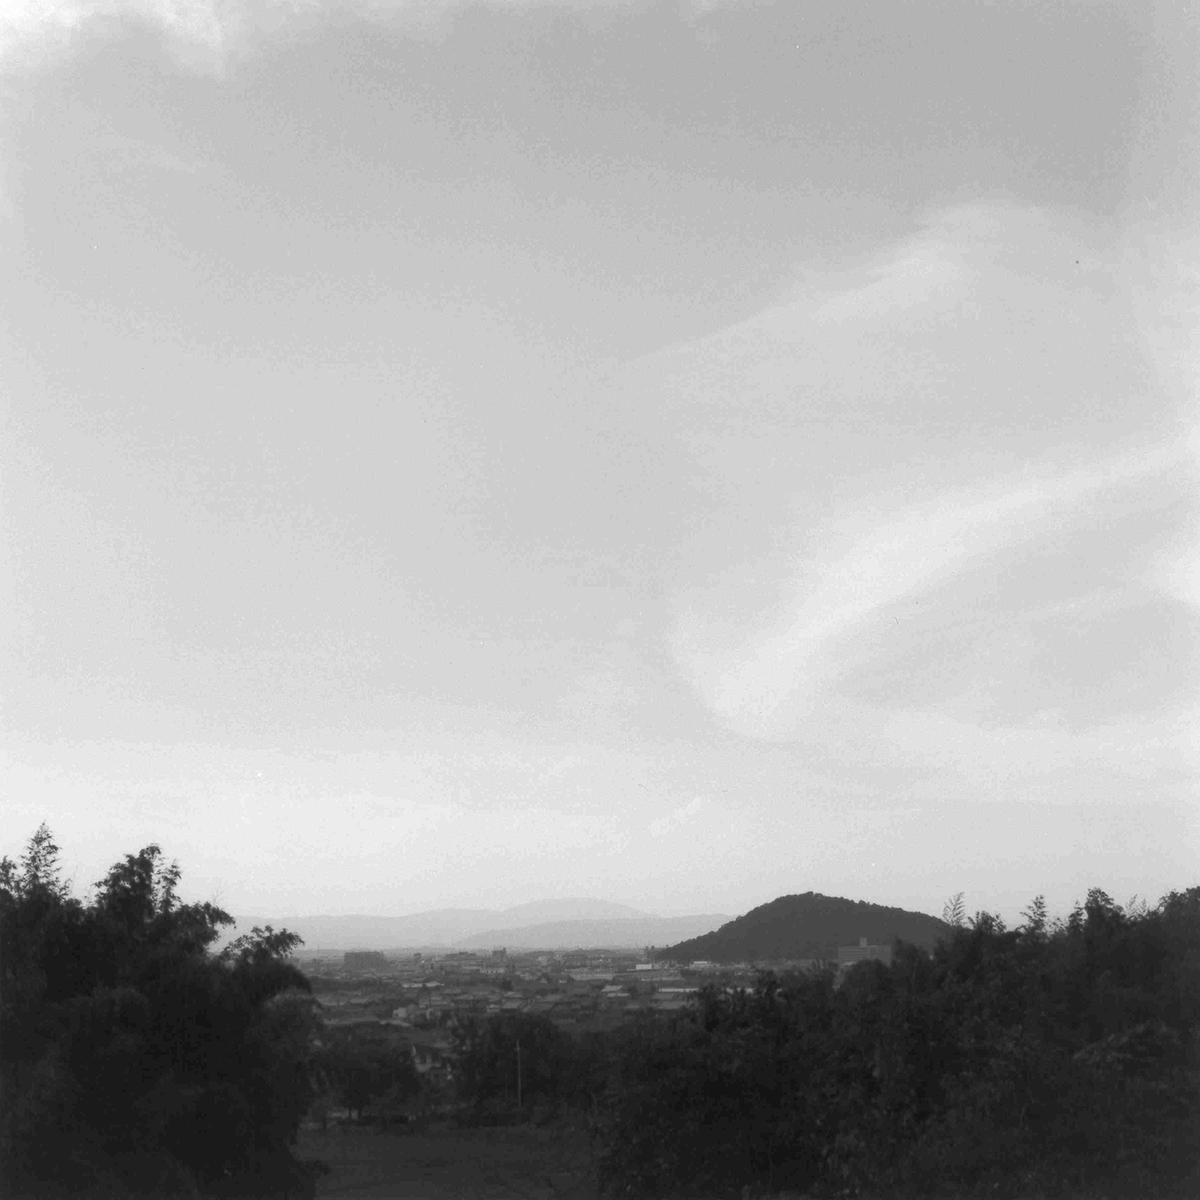 香具山の麓から見た耳成山